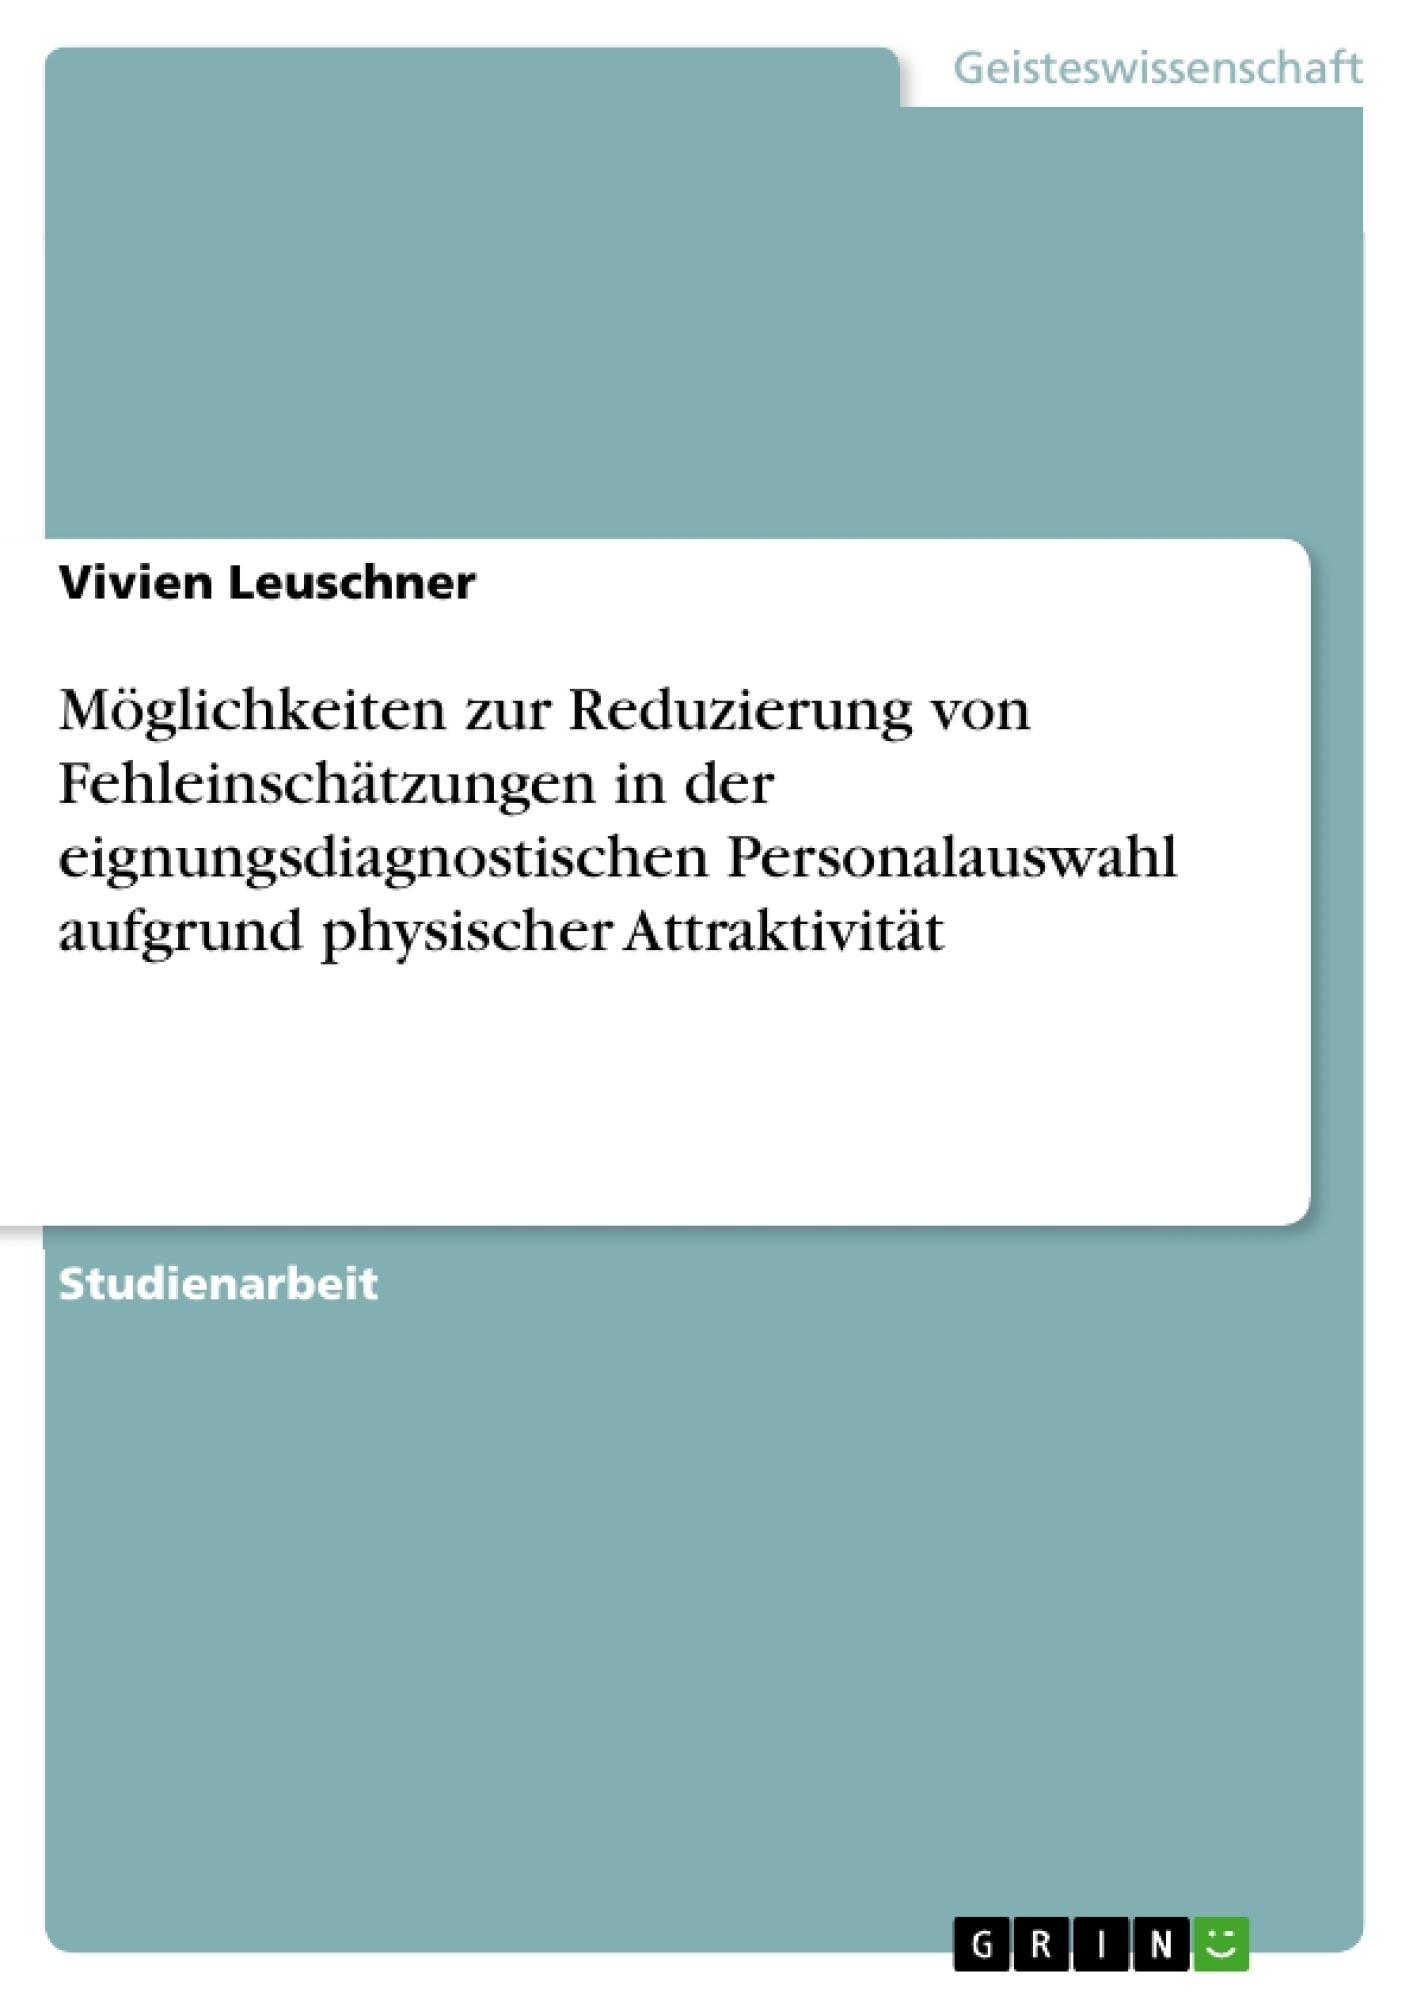 Titel: Möglichkeiten zur Reduzierung von Fehleinschätzungen in der eignungsdiagnostischen Personalauswahl aufgrund physischer Attraktivität